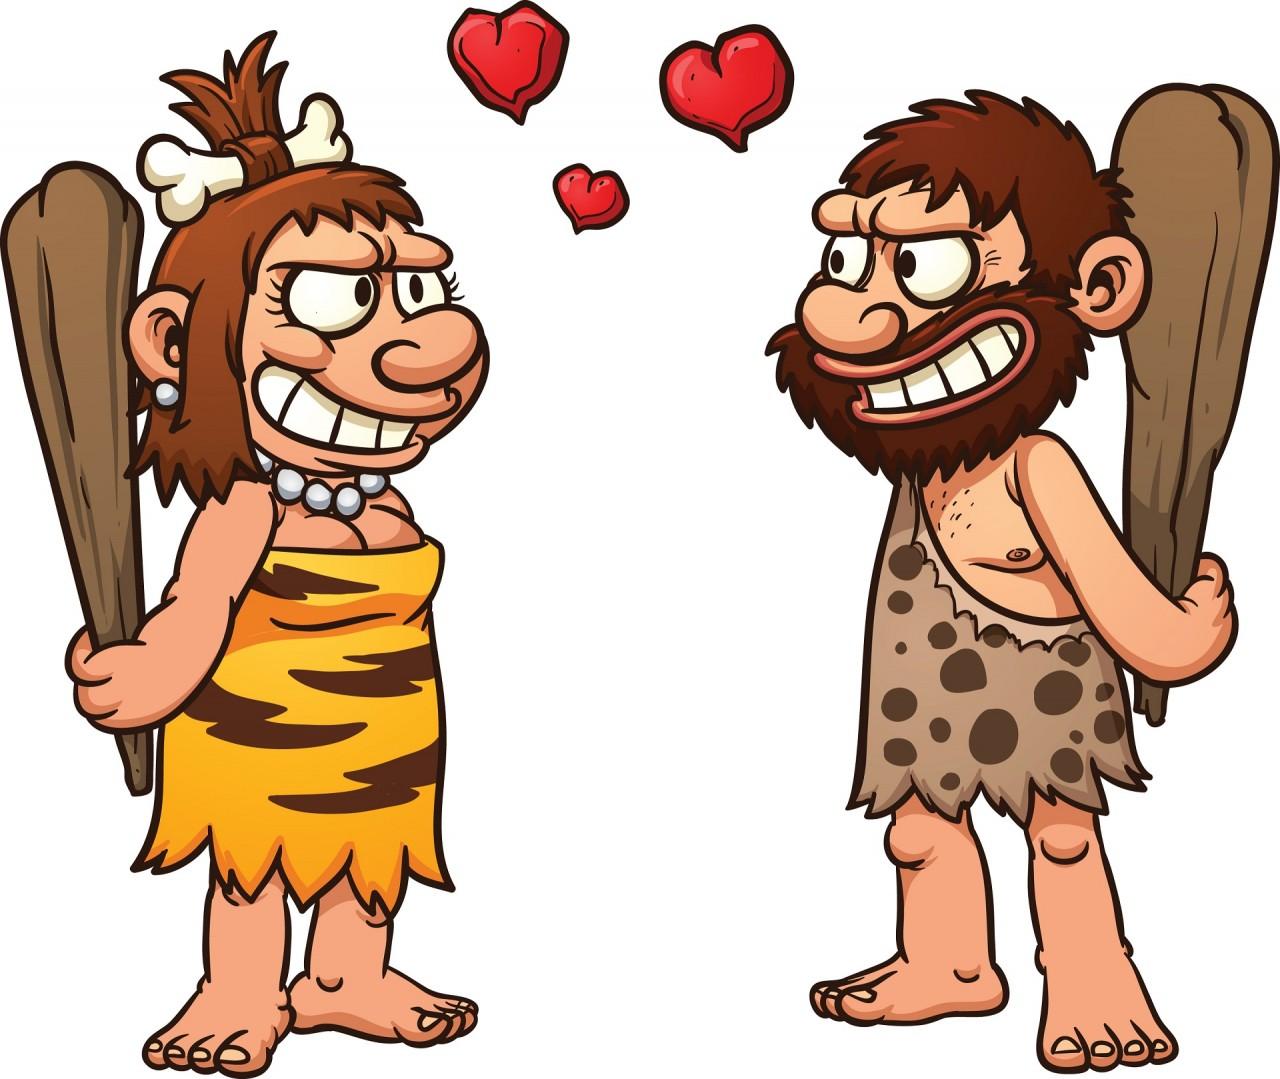 Муж и жена прикольные картинки мультяшные, марта